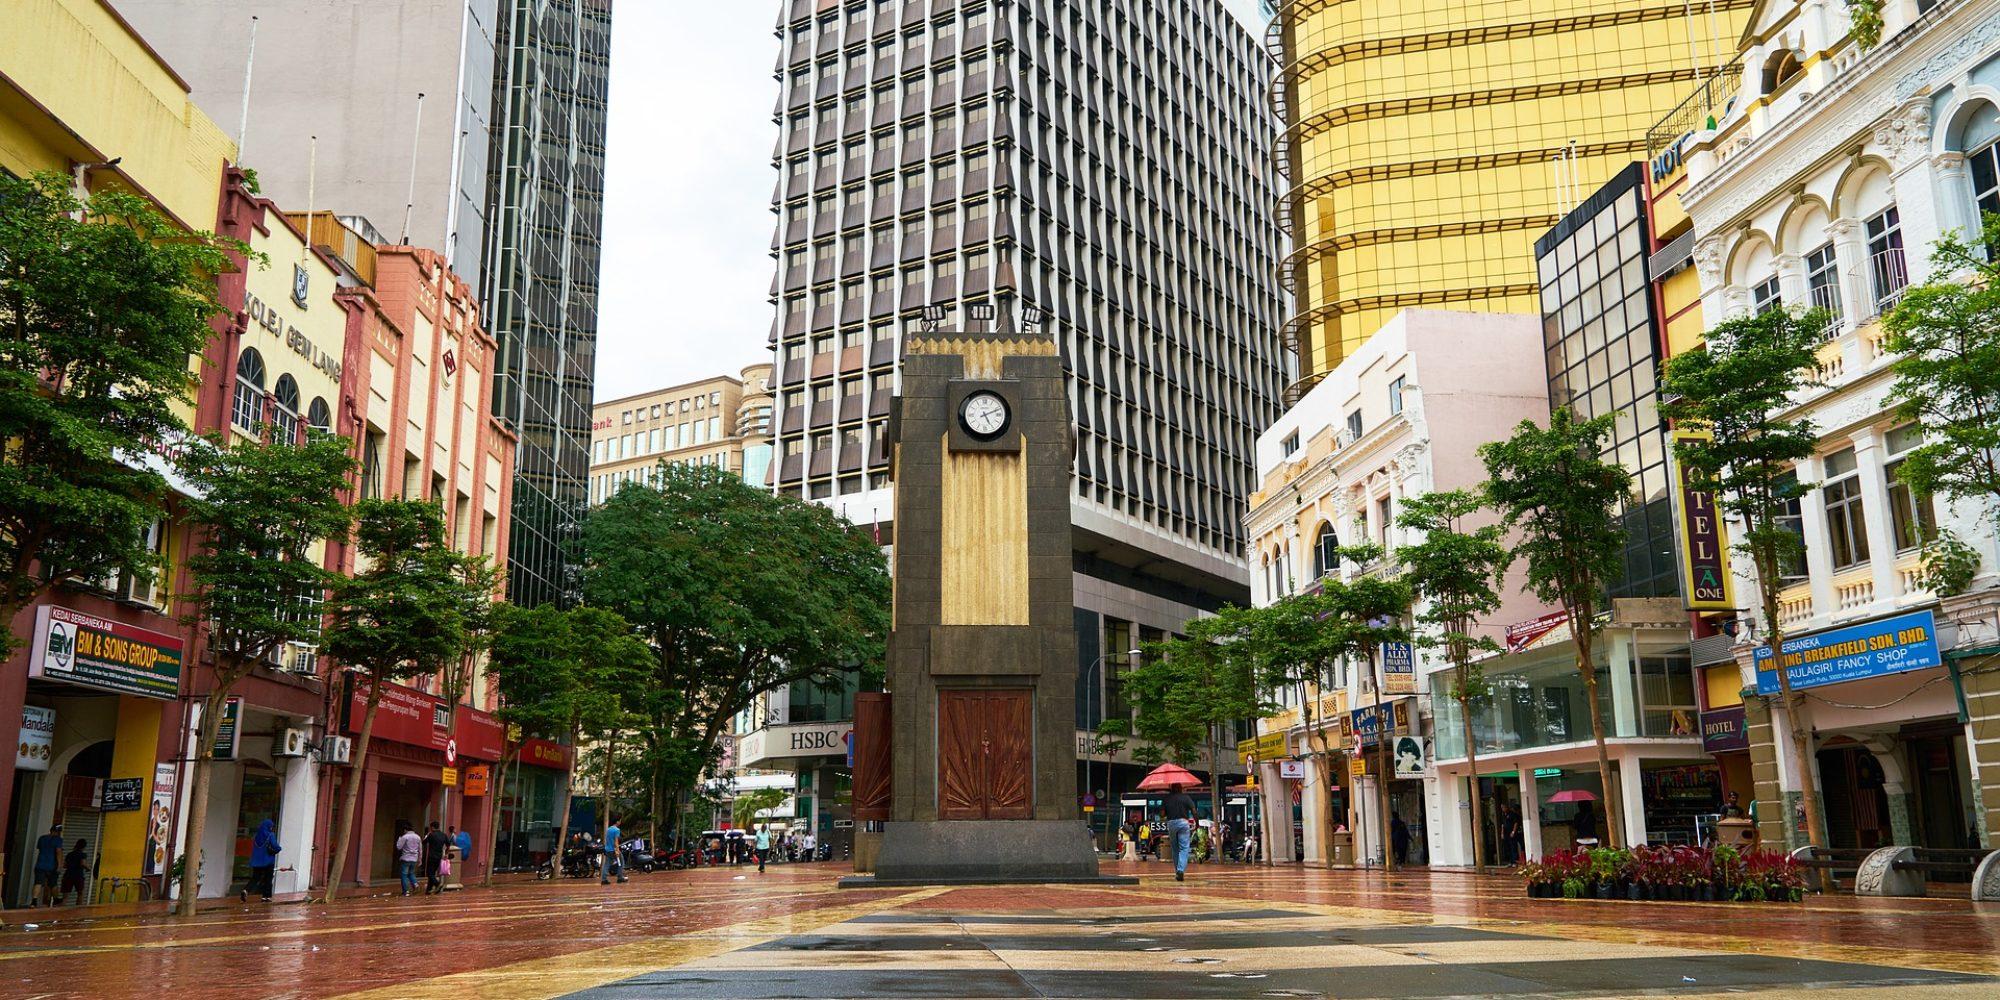 malaysia-3726186_1920